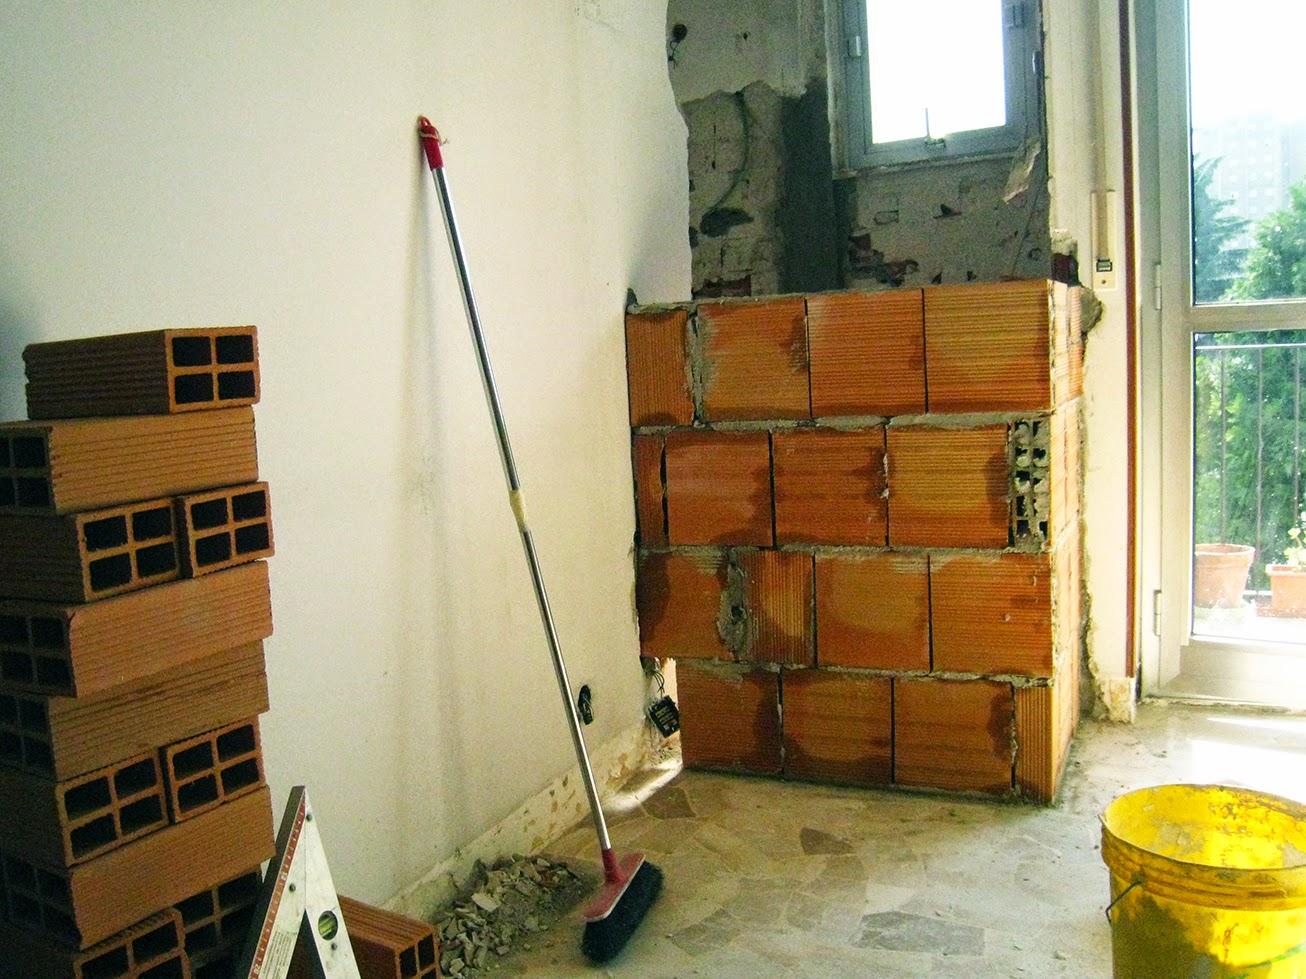 interventi specifici per ristrutturare casa